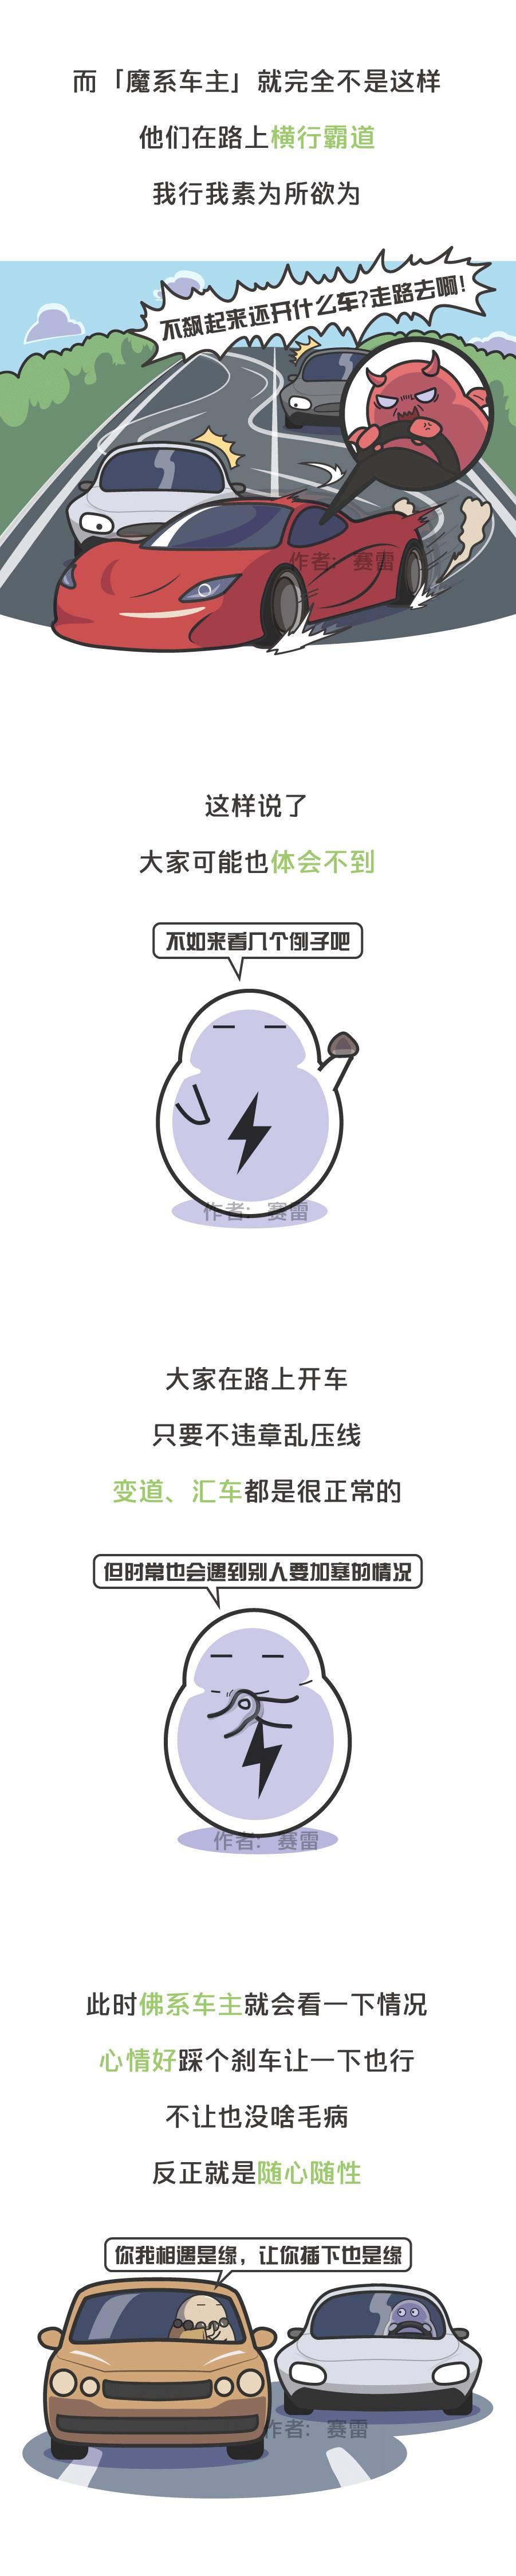 og视讯官网 7